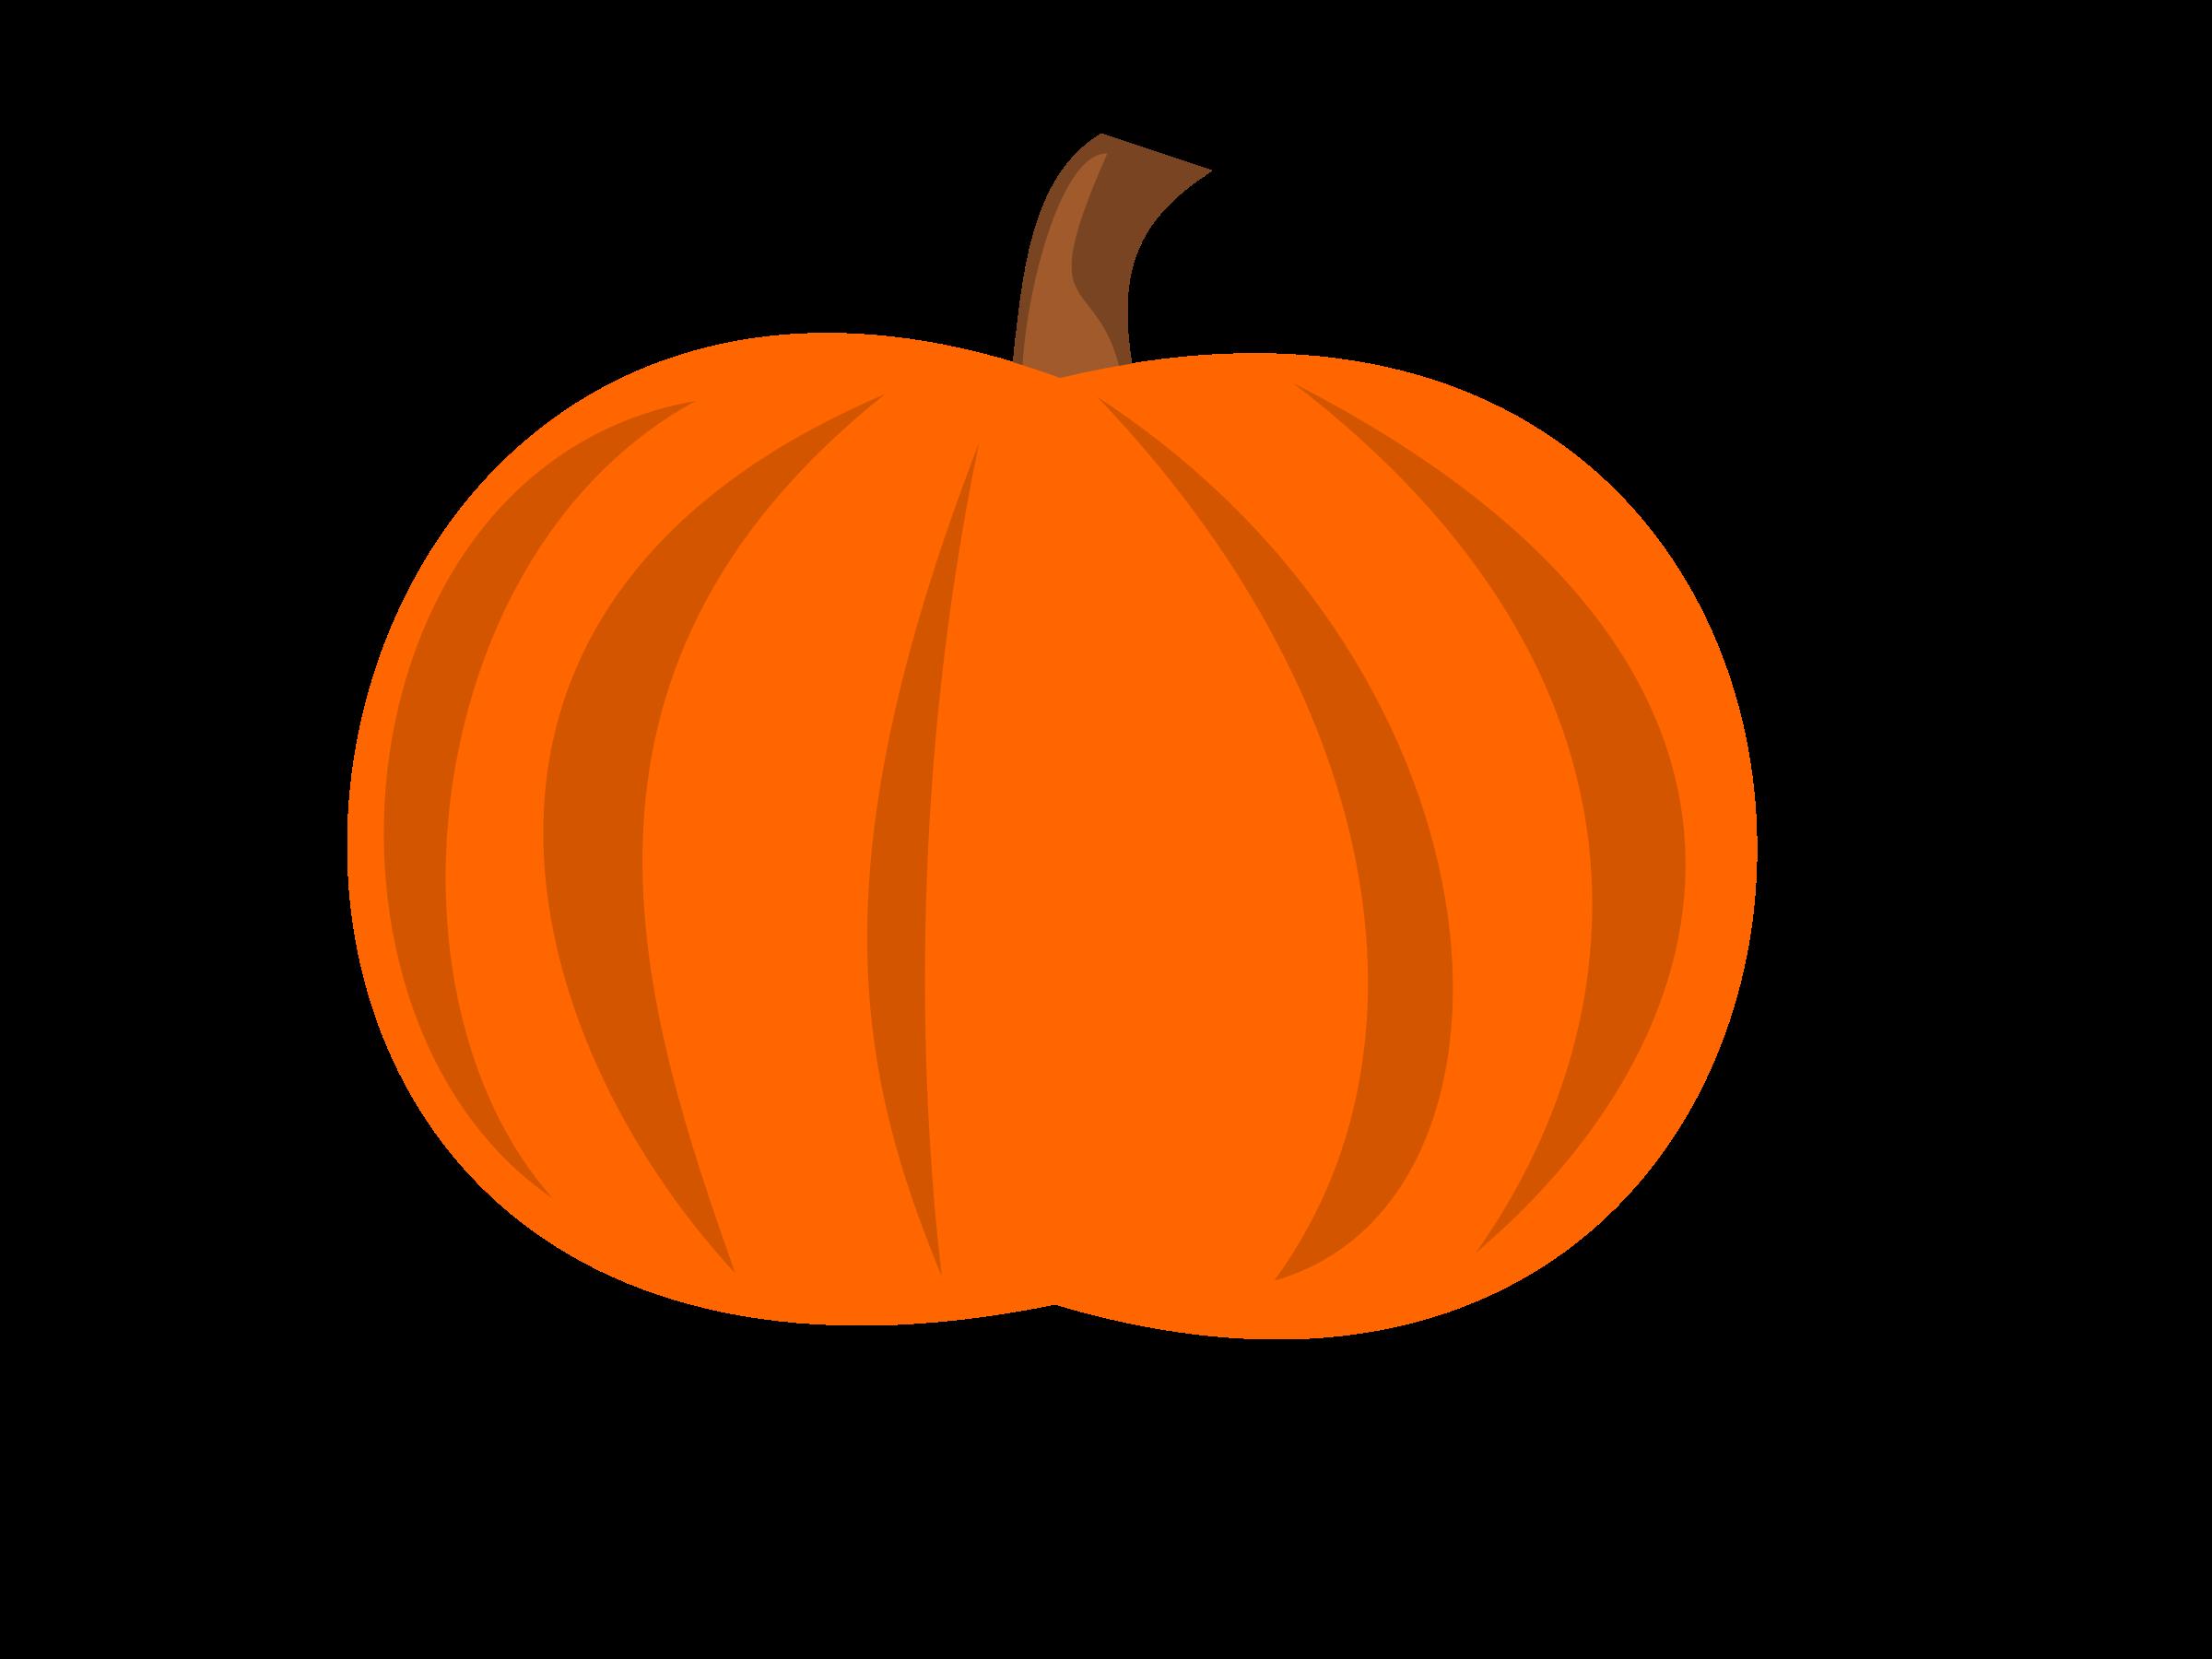 Pumpkin clipart 2 clipart clip art Pumpkin